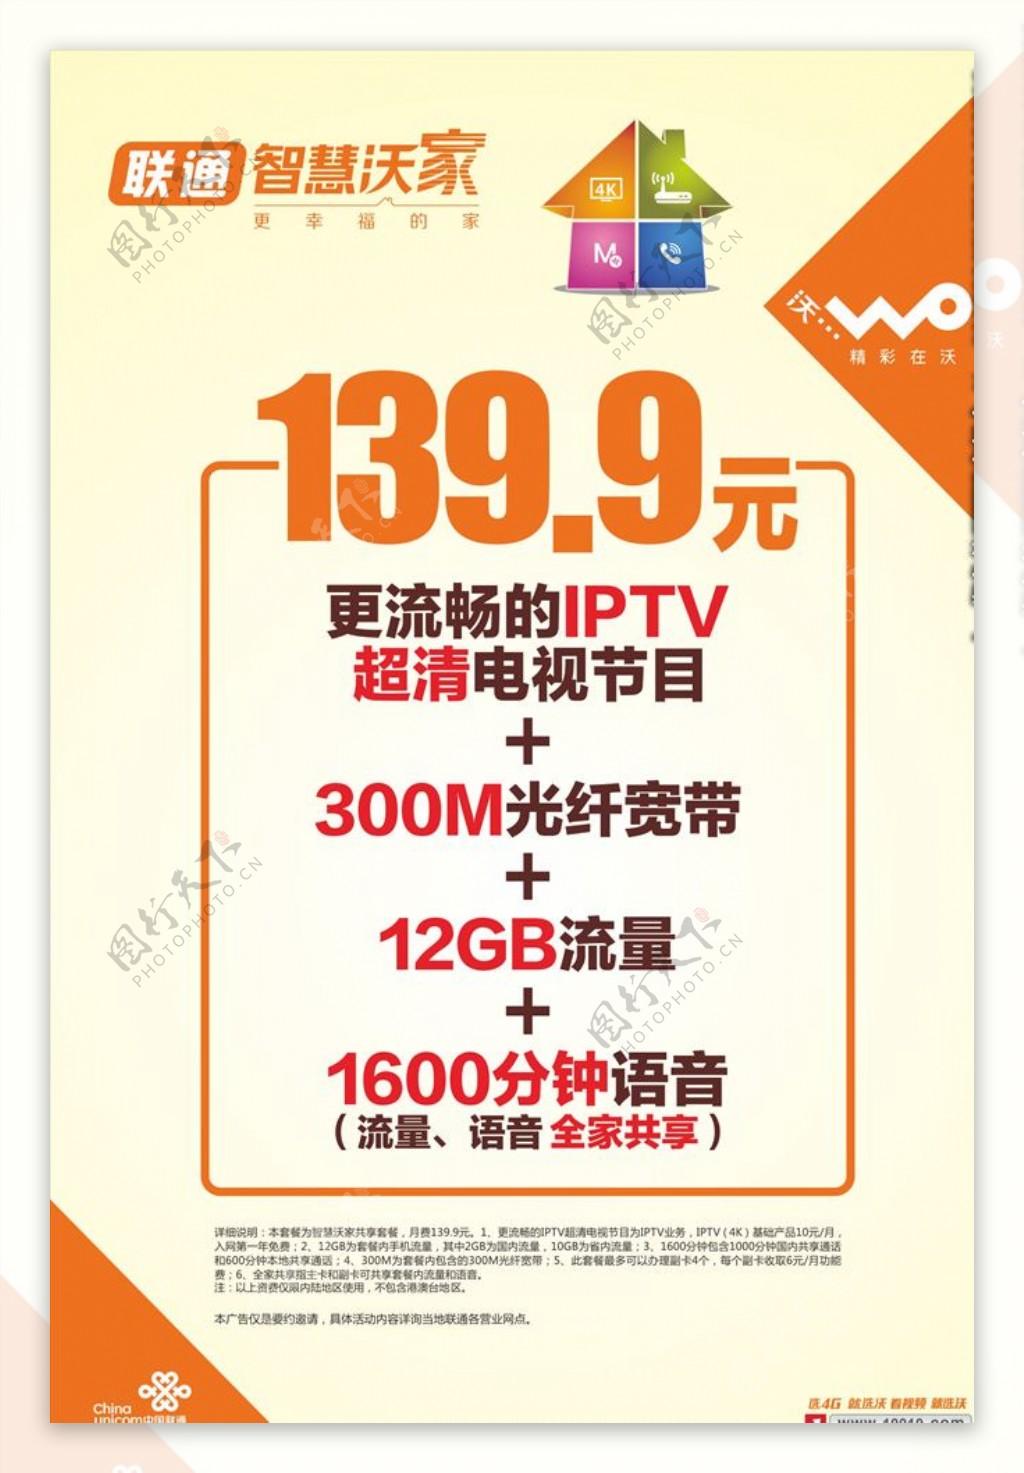 中国联通智慧沃家海报